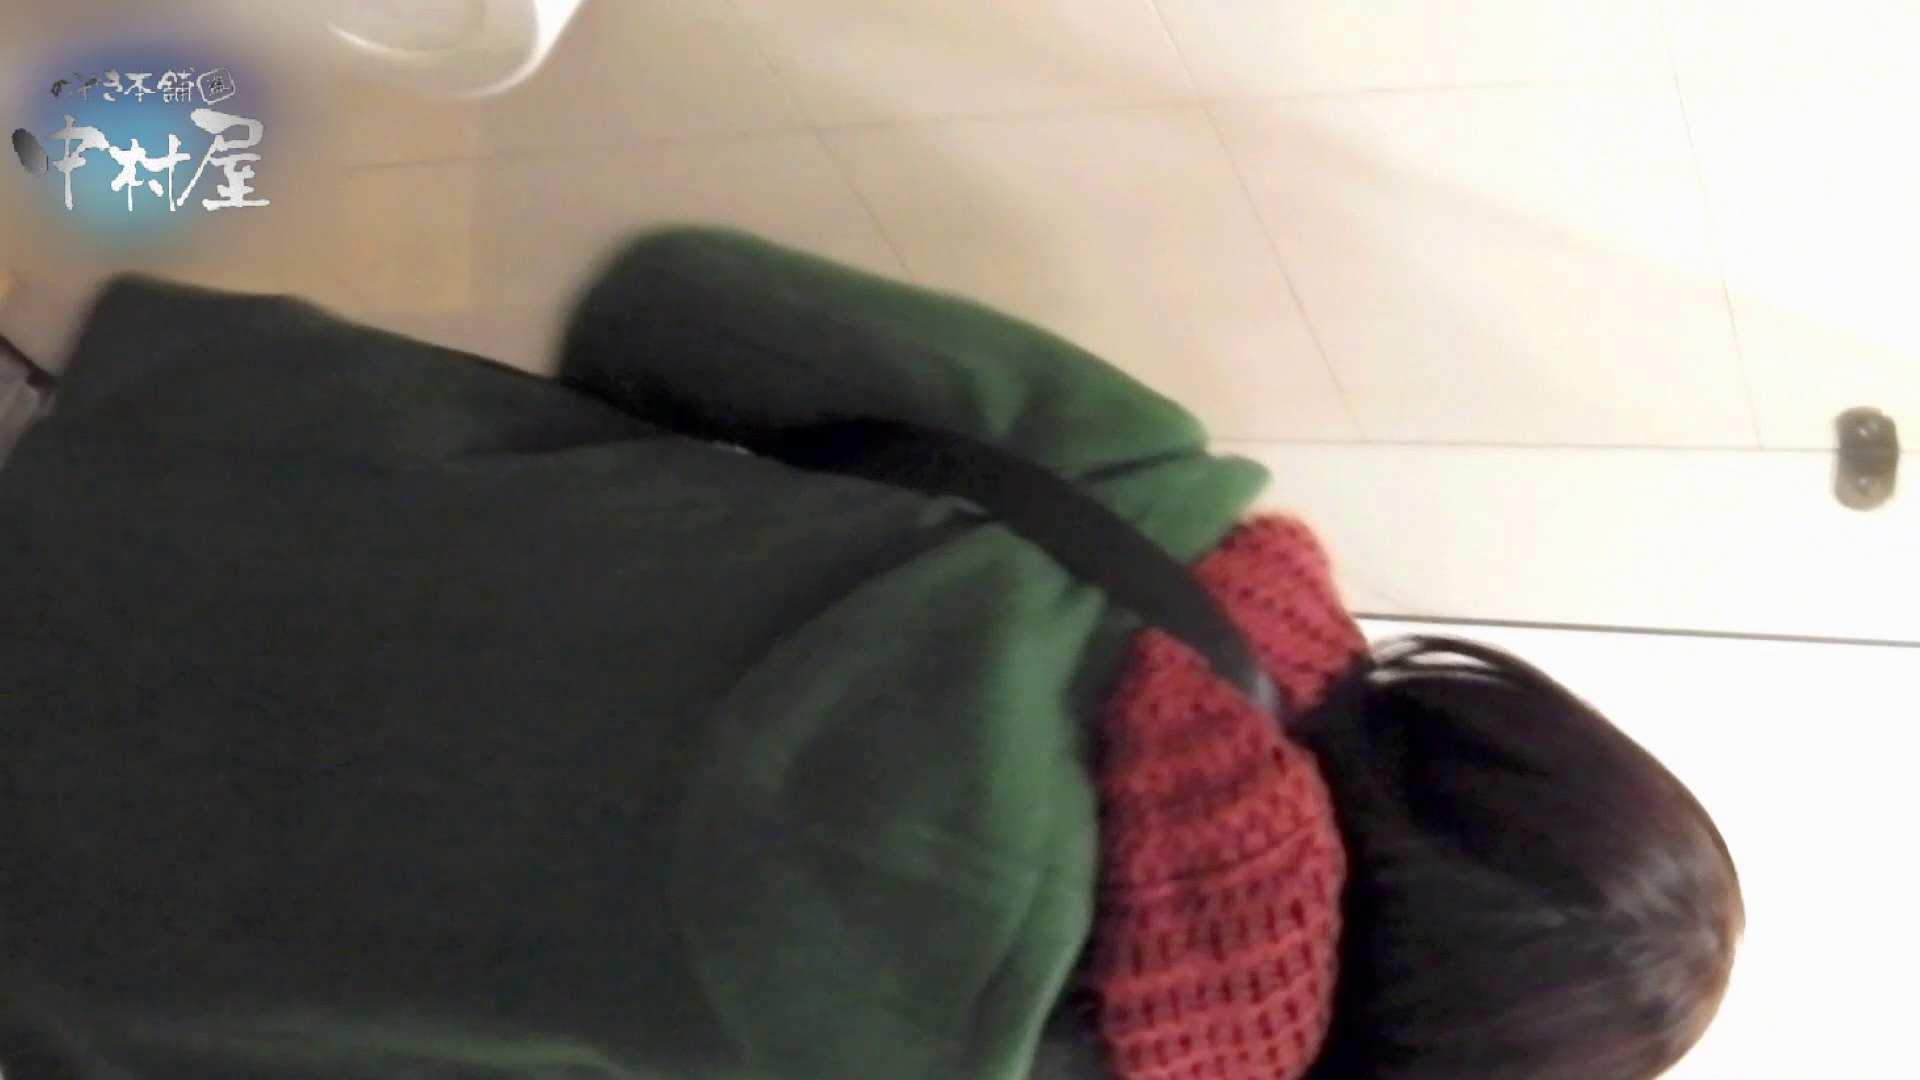 乙女集まる!ショッピングモール潜入撮vol.07 乙女 覗きおまんこ画像 102画像 28